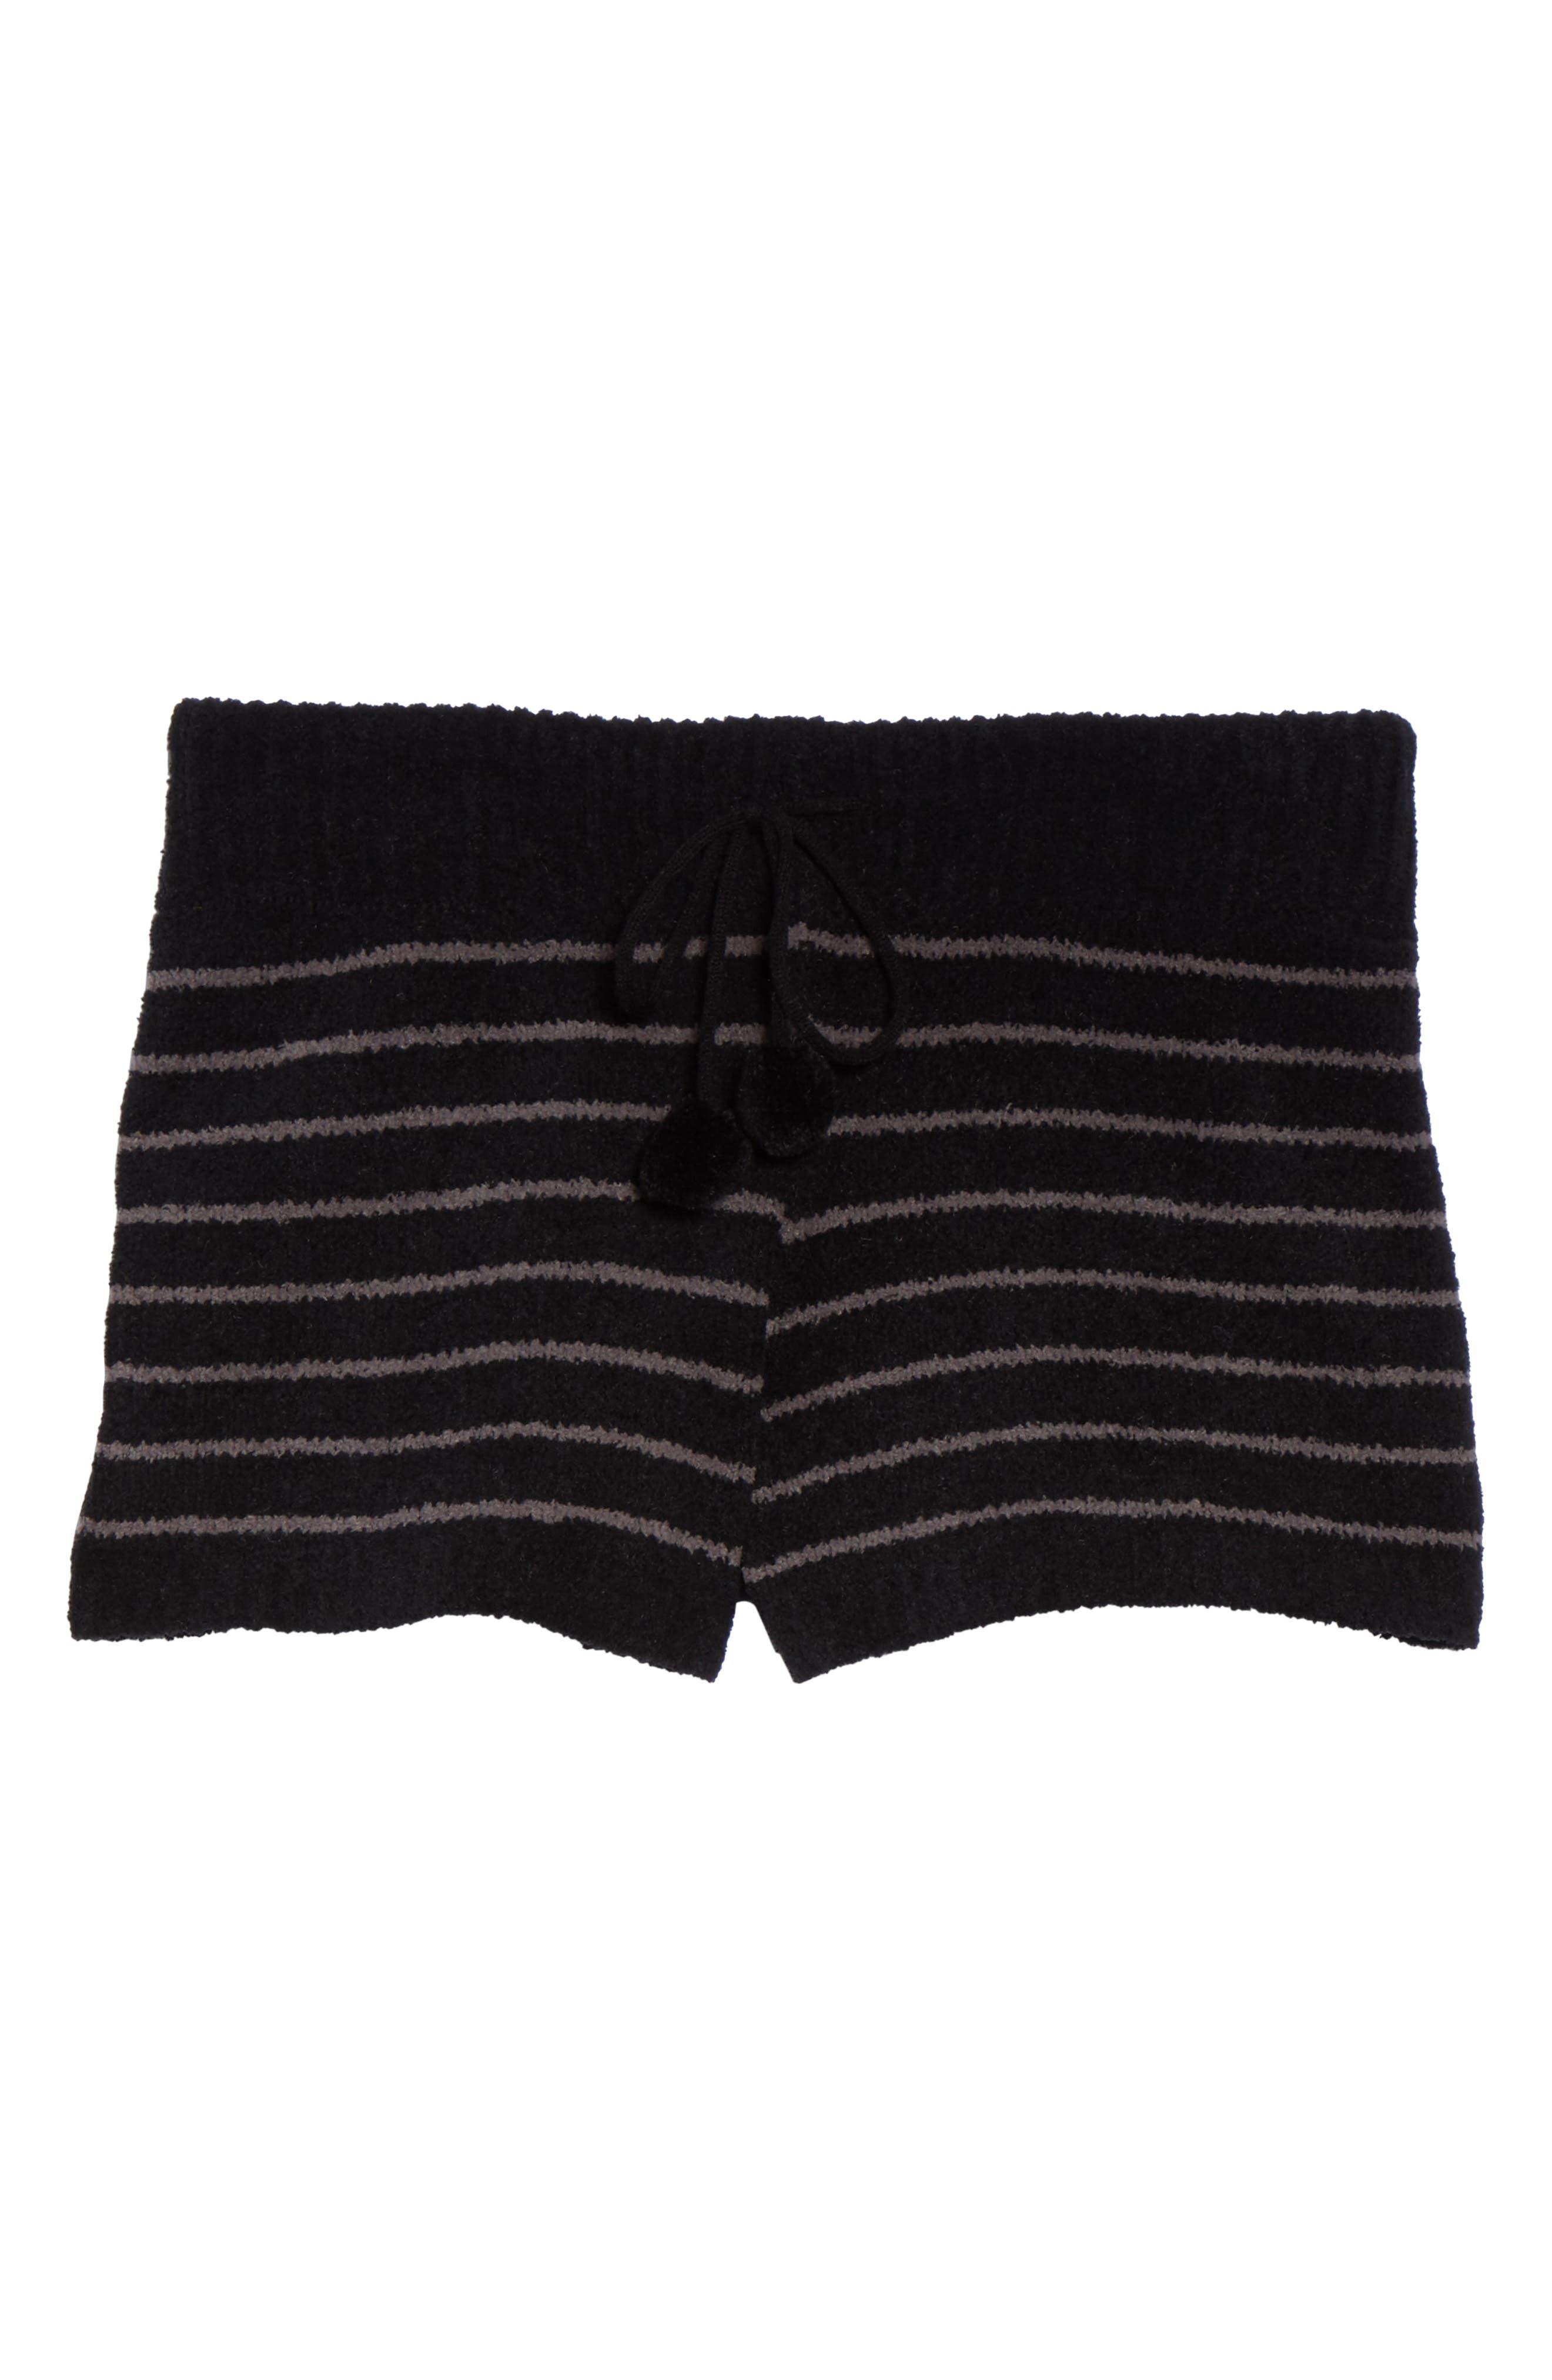 Marshmallow Lounge Shorts,                             Alternate thumbnail 6, color,                             001